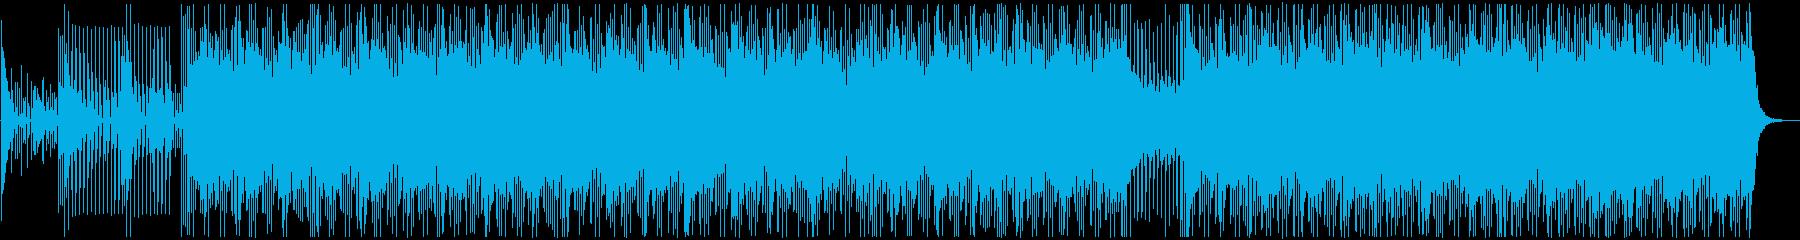 アップテンポでリズミカルなBGMの再生済みの波形